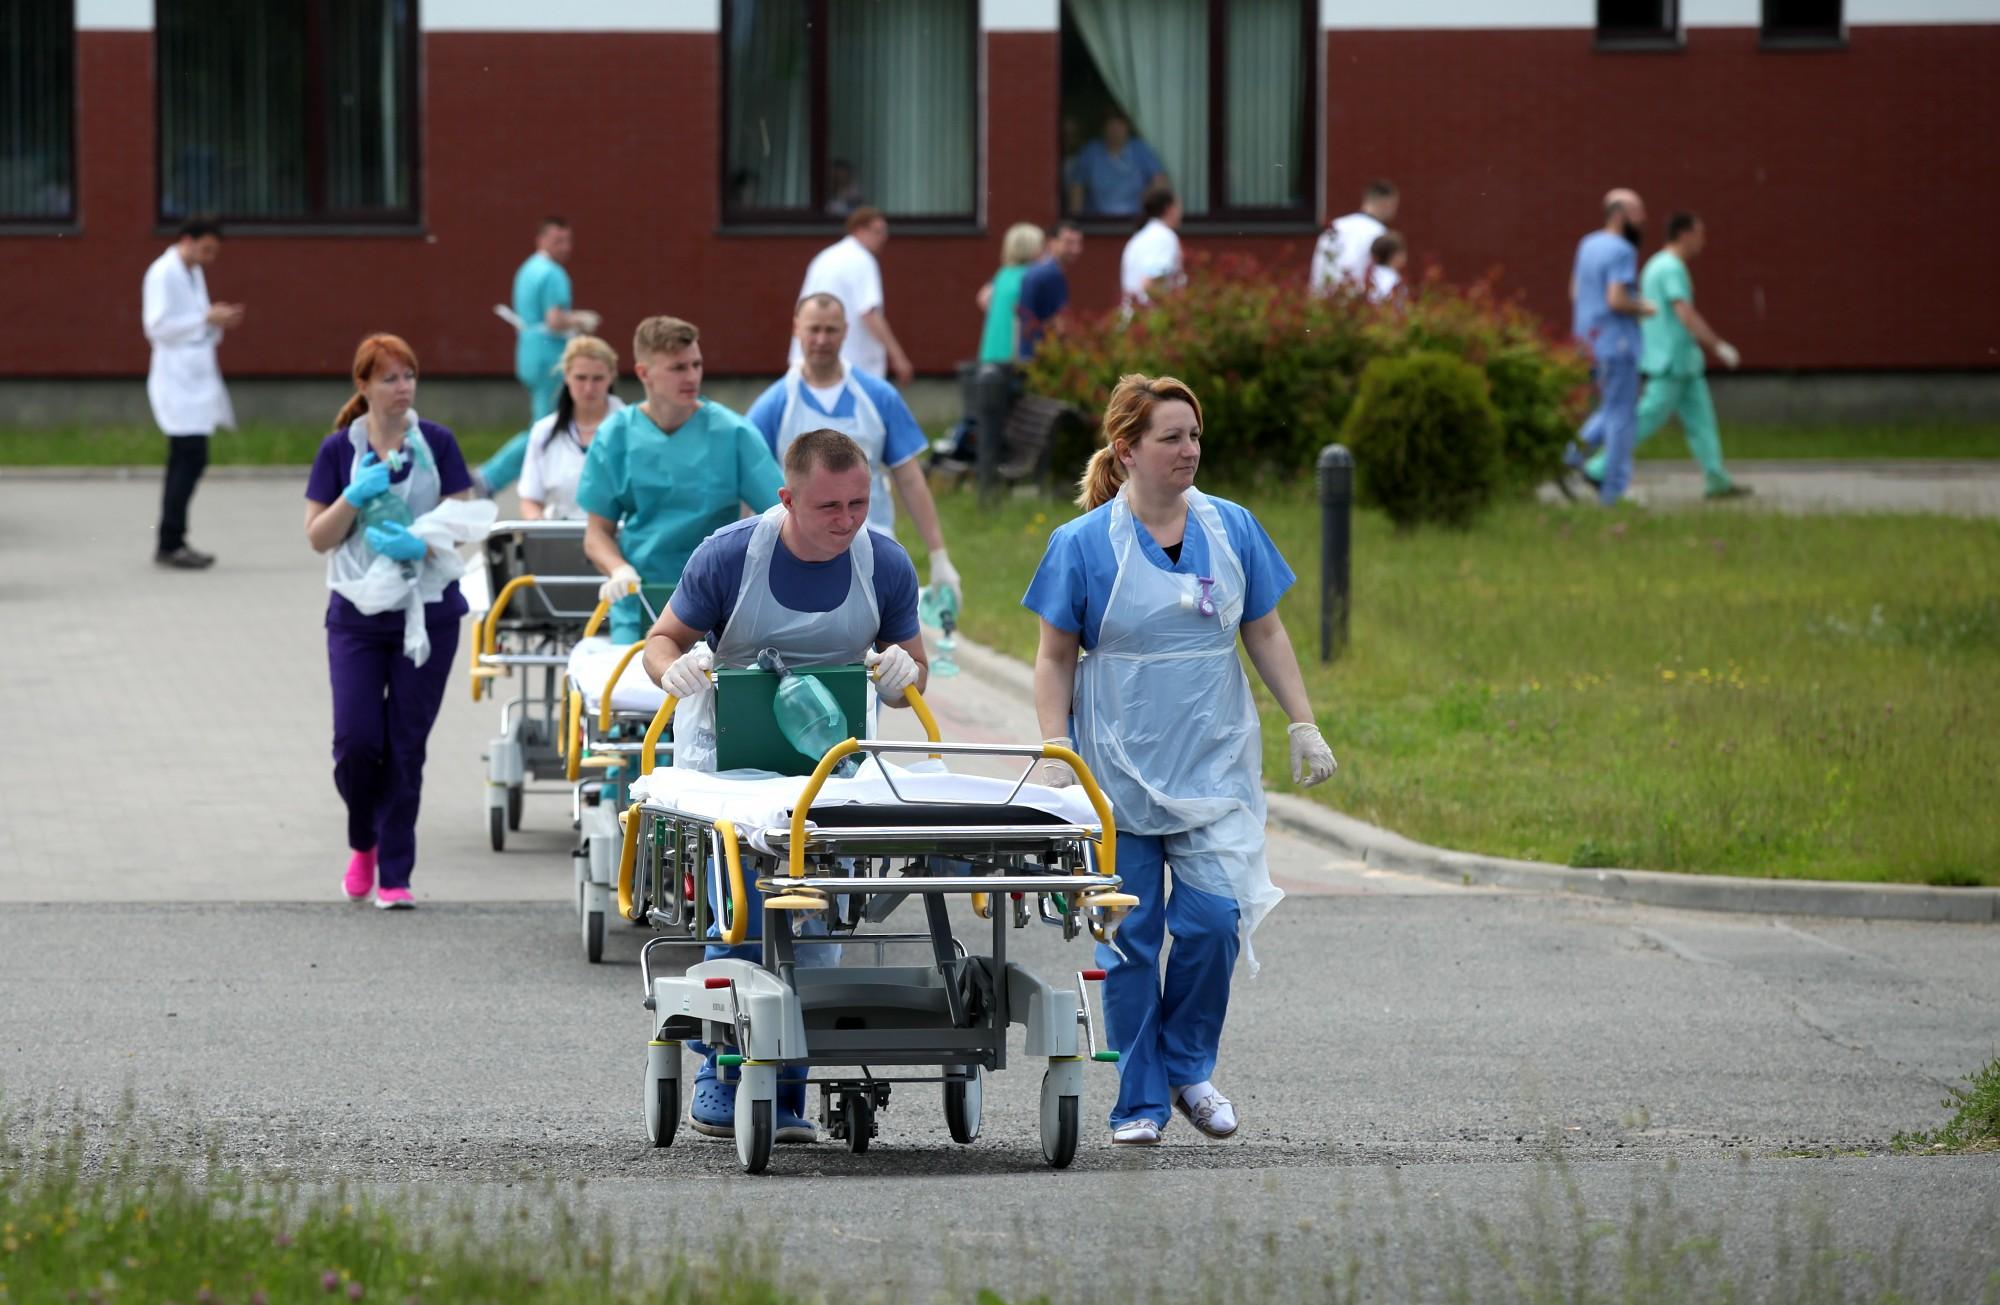 Algām sola vēl 18 miljonus eiro, taču mediķi protestu neatcels